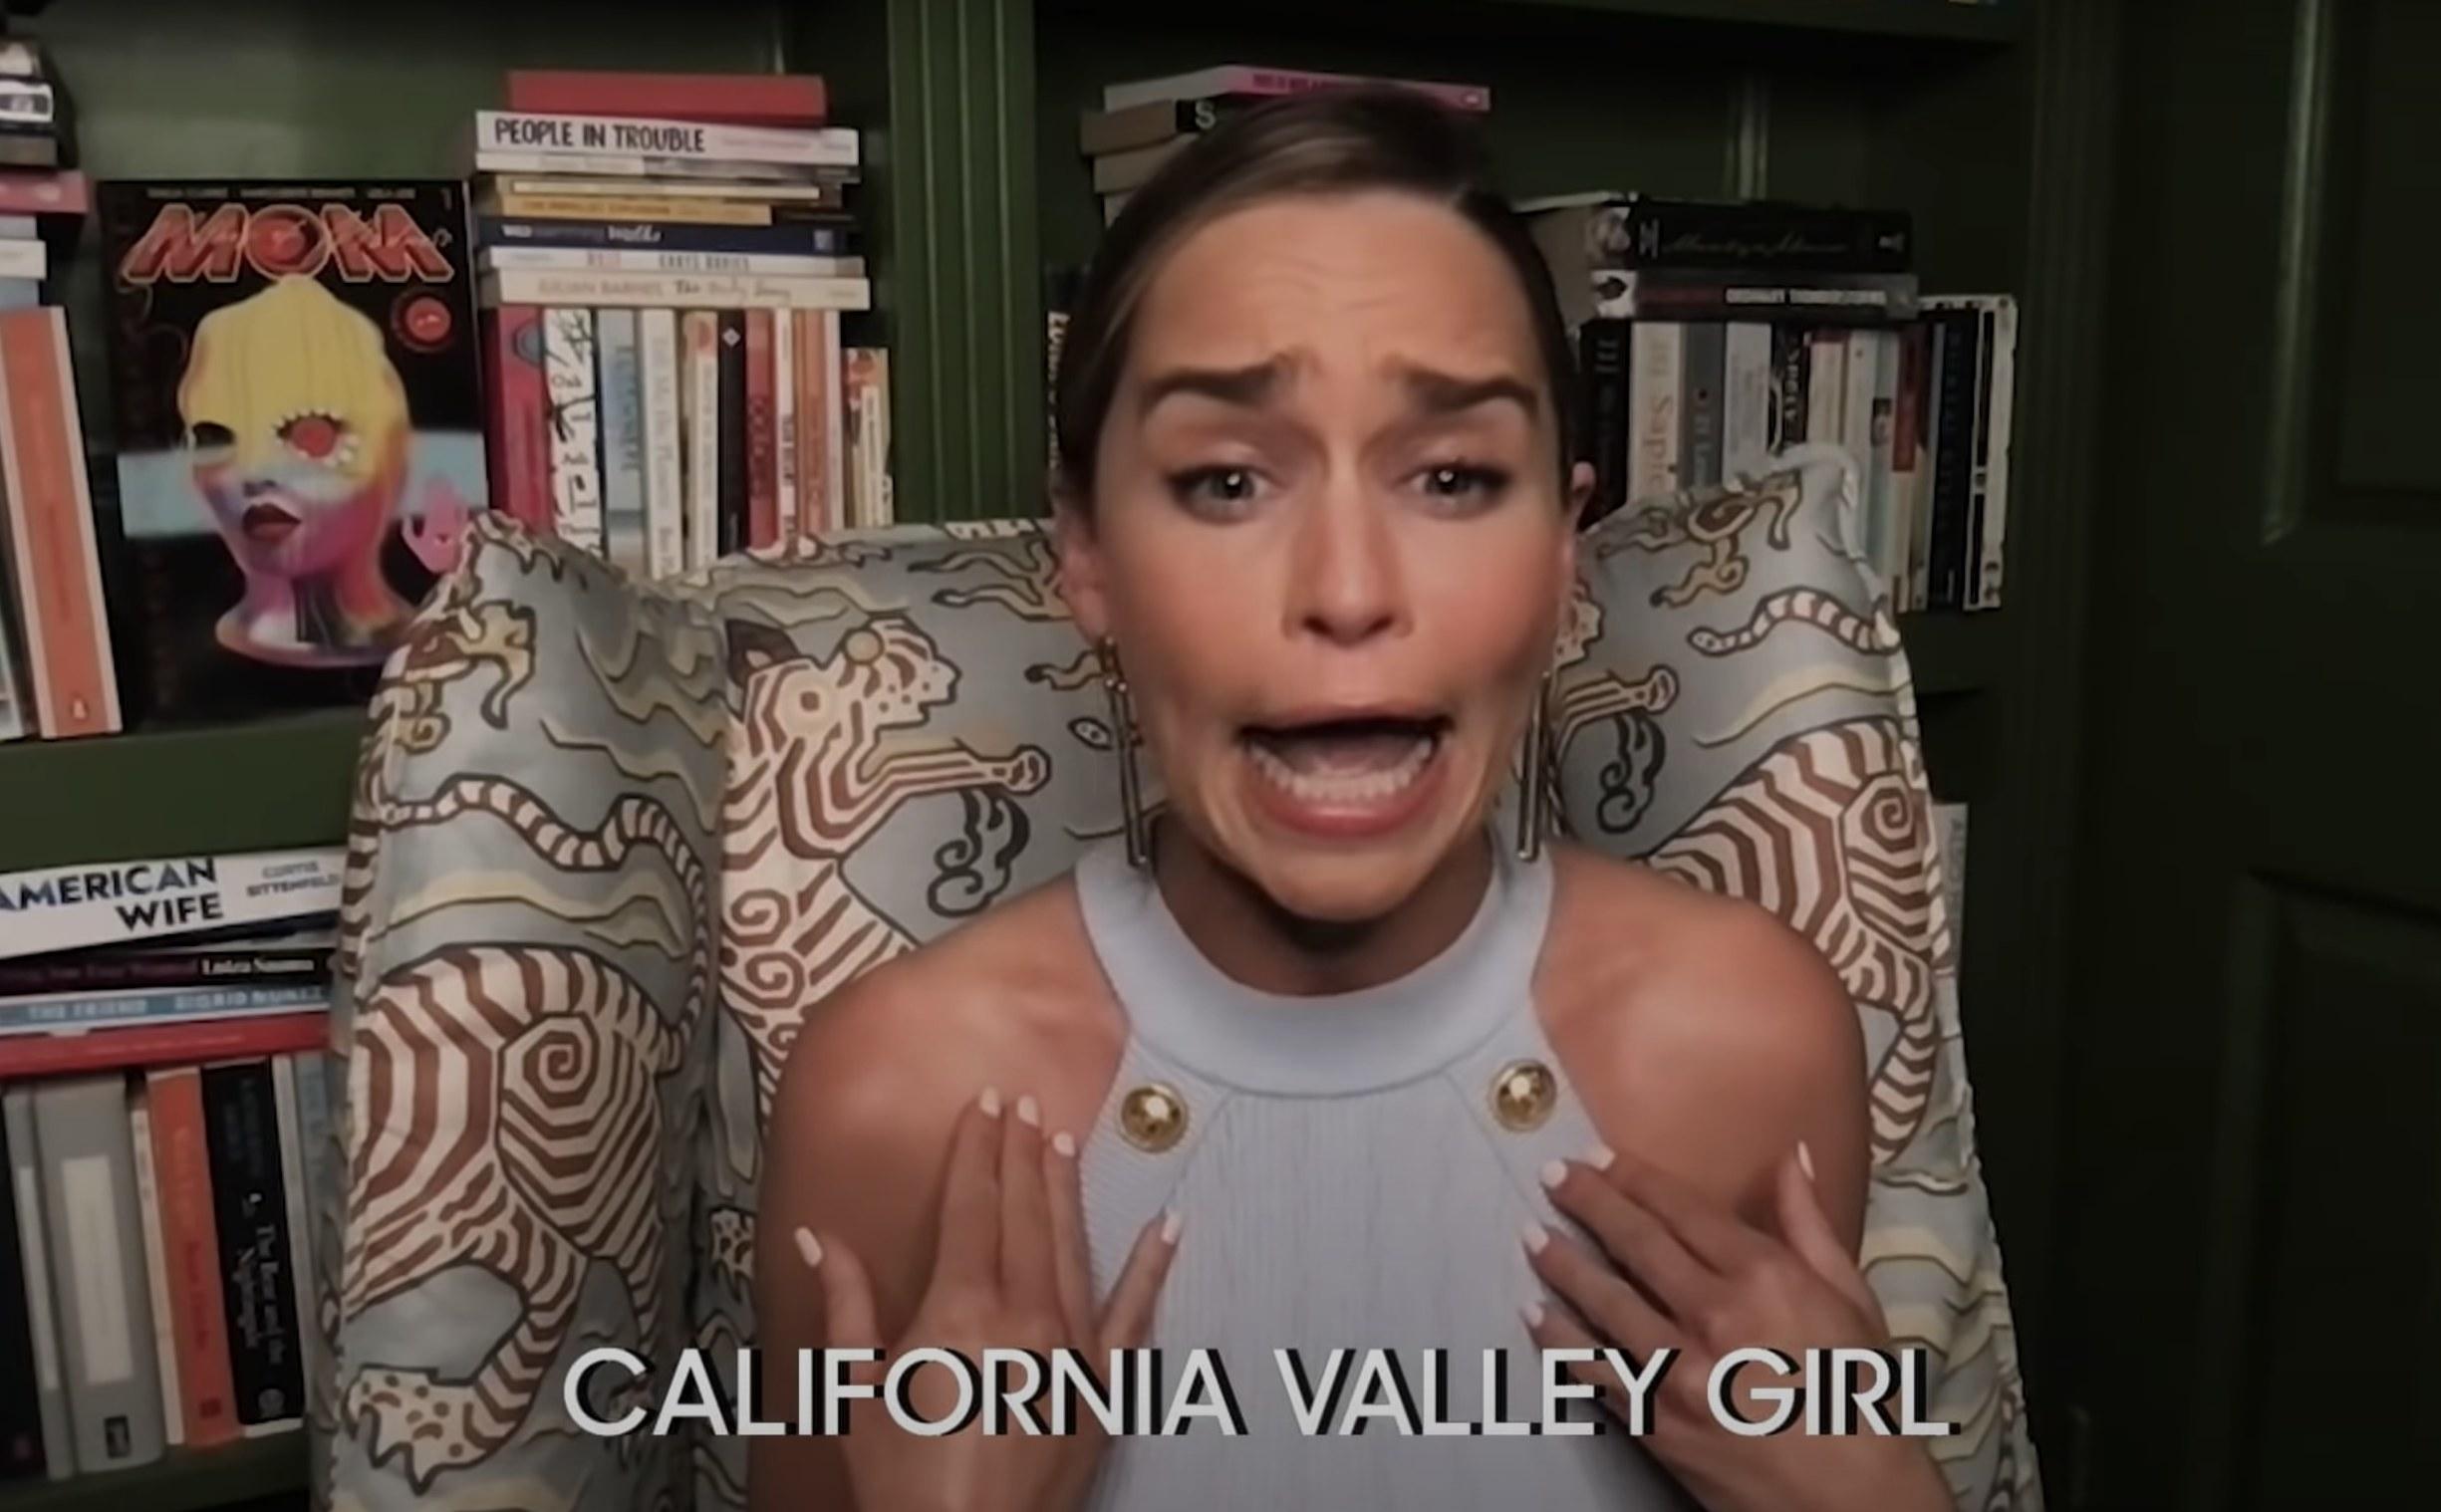 Emilia makes a funny face while imitating a Californian